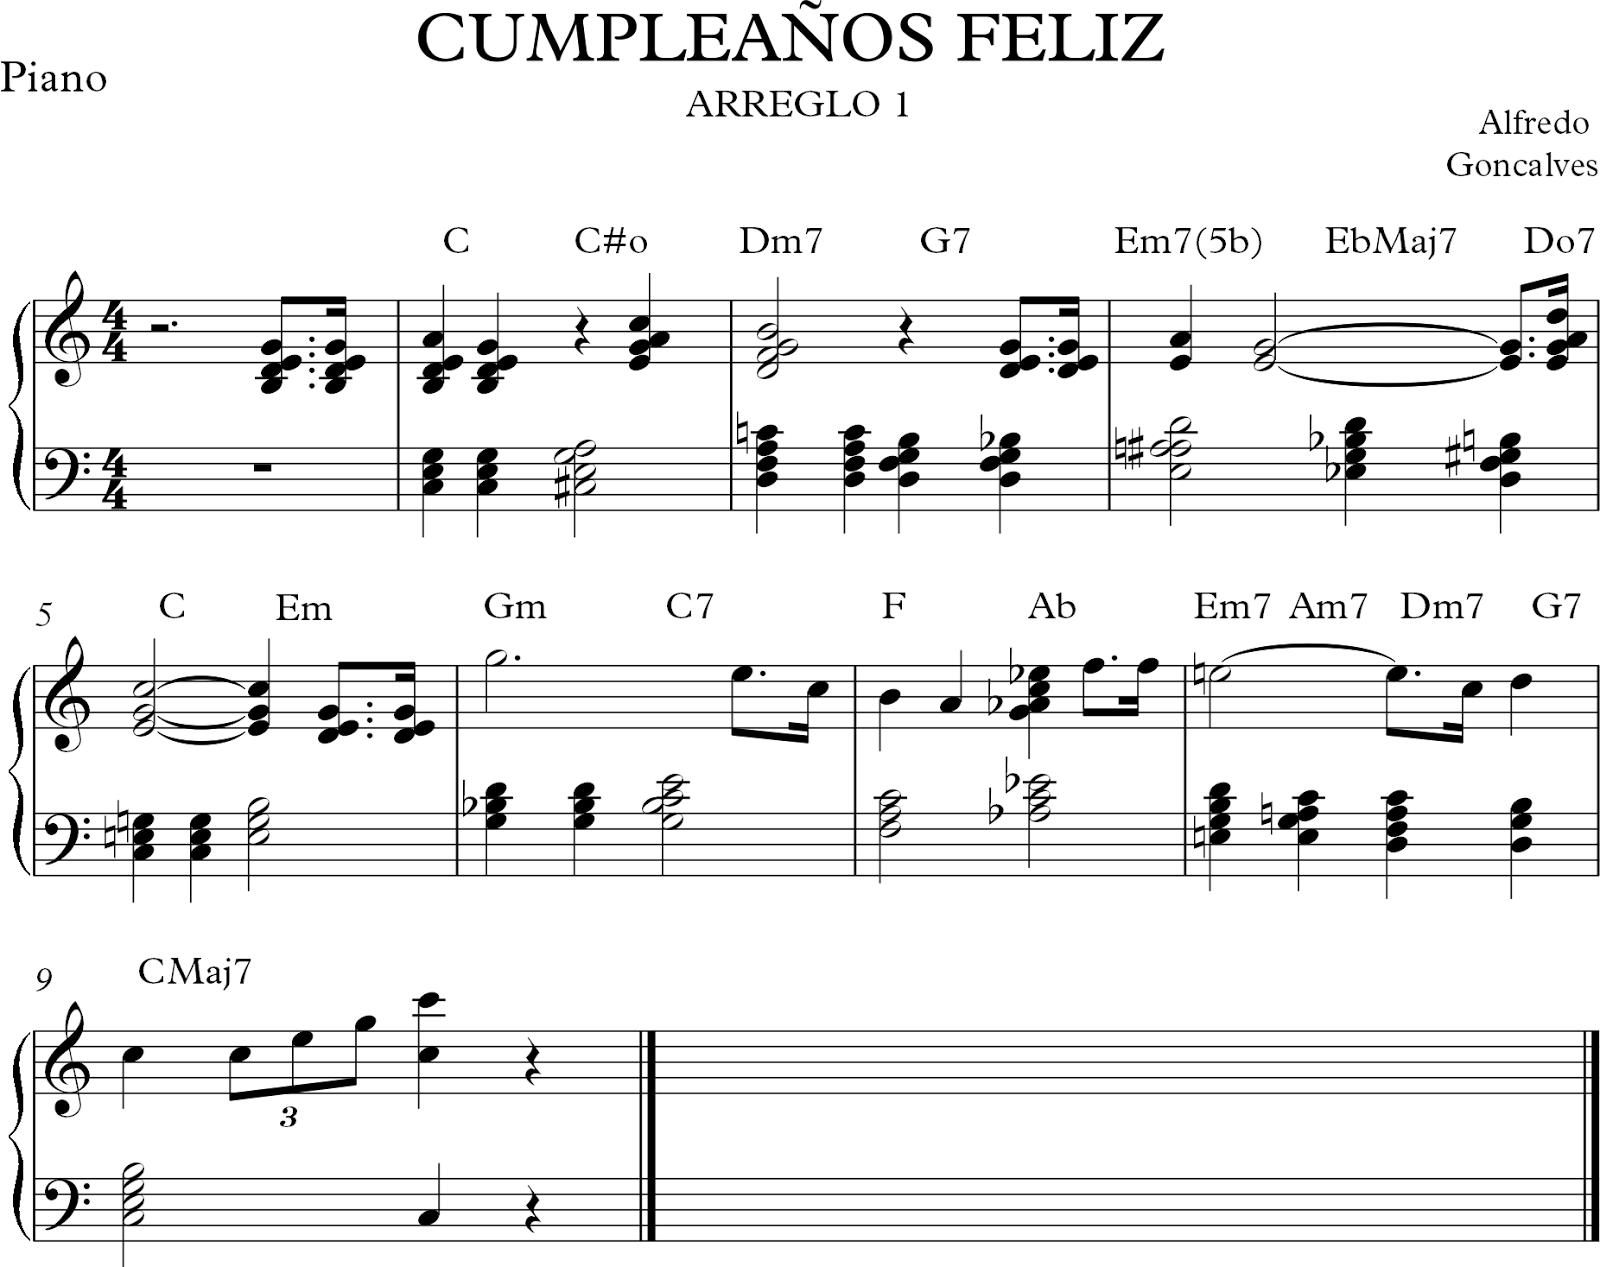 Armonizaci n y arreglo cumplea os feliz partitura capa musical - Cumpleanos feliz piano ...